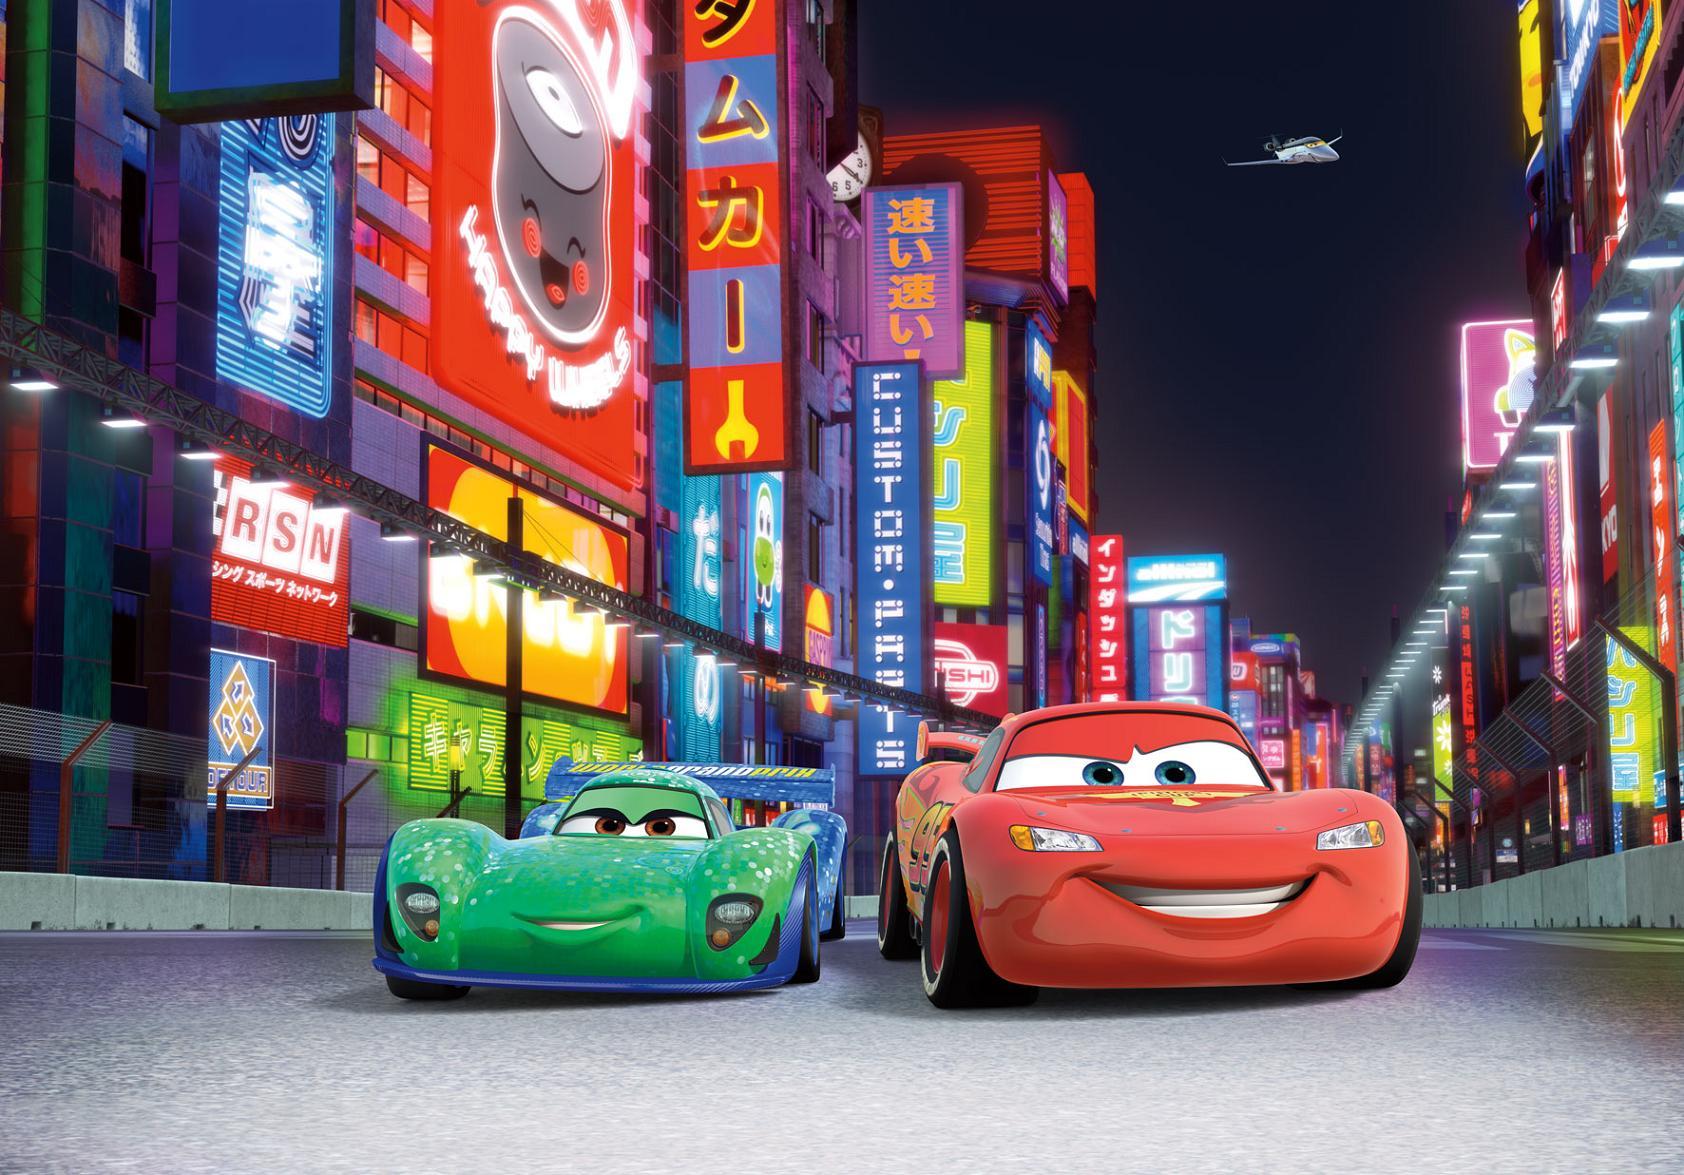 Cars Tapete. Elegant Preise Beginnen Bei With Cars Tapete. Preise ...